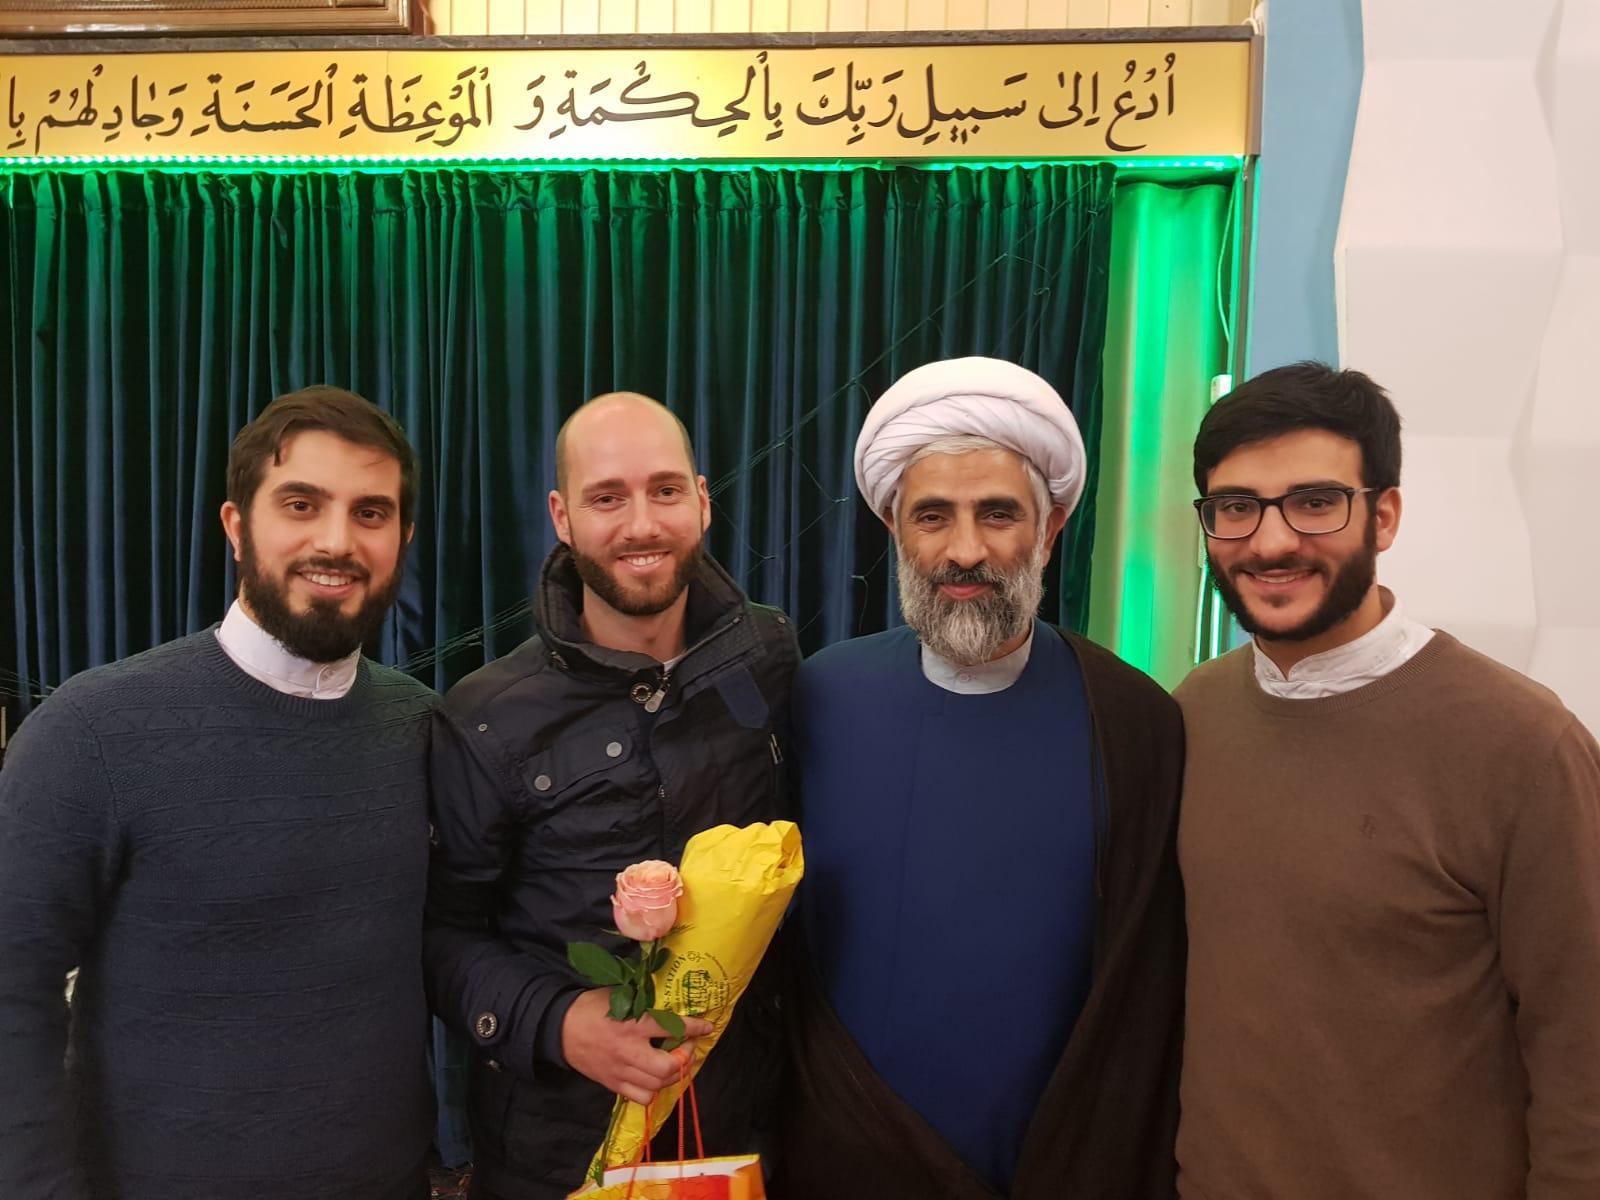 مسلمان شدن جوان آلمانی